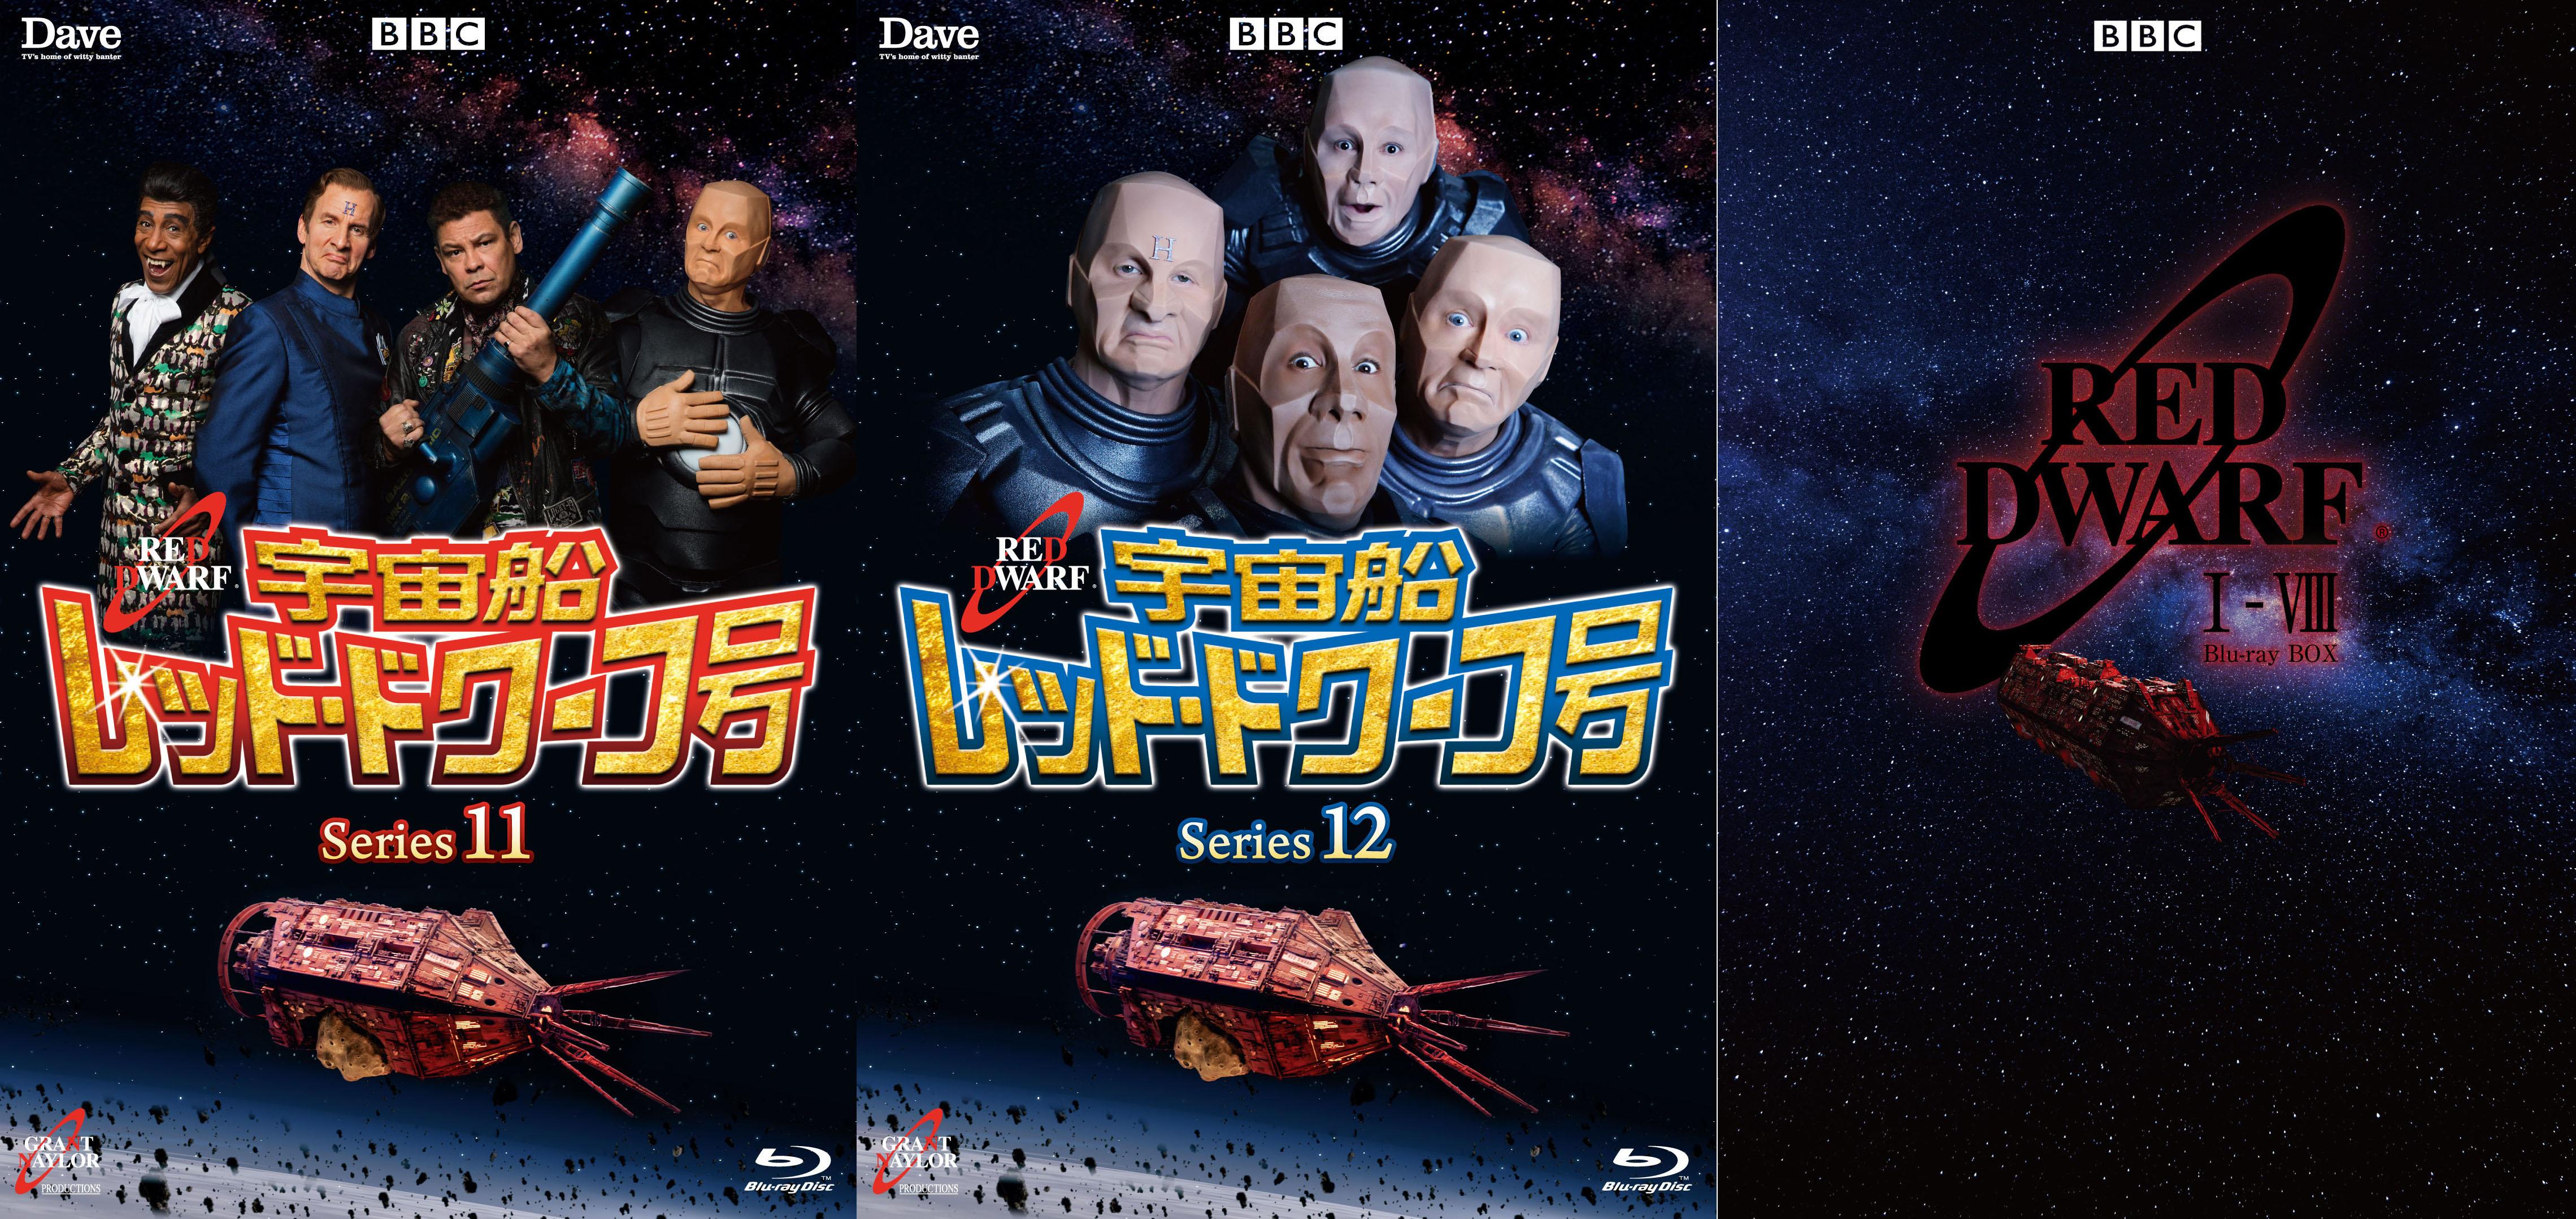 【宇宙船レッド・ドワーフ号】シリーズ11/シリーズ12のBlu-ray&DVDとシリーズ1~8完全版Blu-ray BOX発売決定!